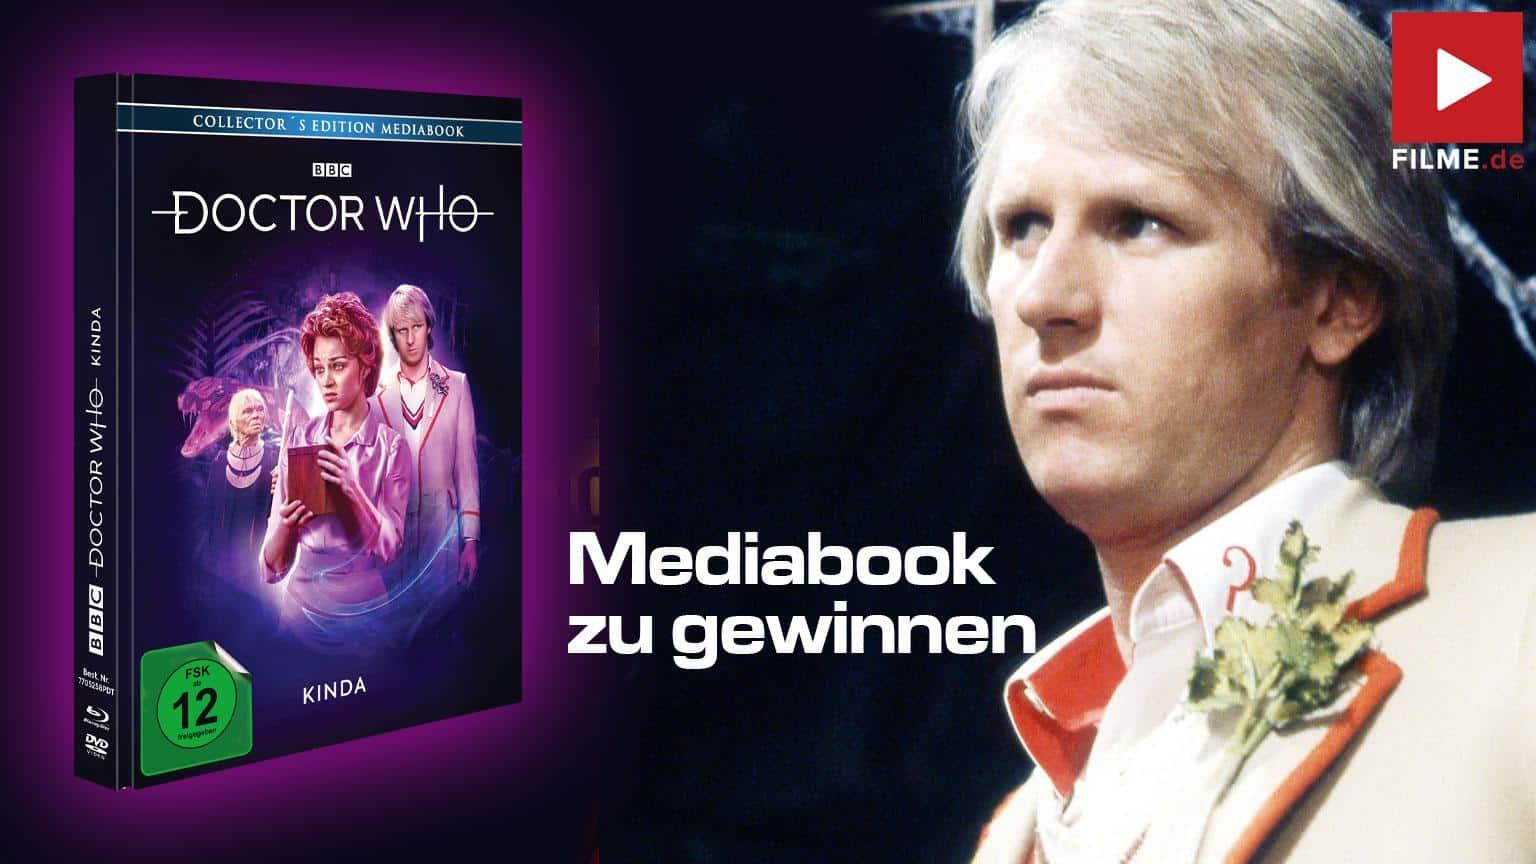 Doctor Who - Fünfter Doktor - Kinda LTD. - ltd. Mediabook (+ DVD) [Blu-ray] Gewinnspiel Artikelbild shop kaufen